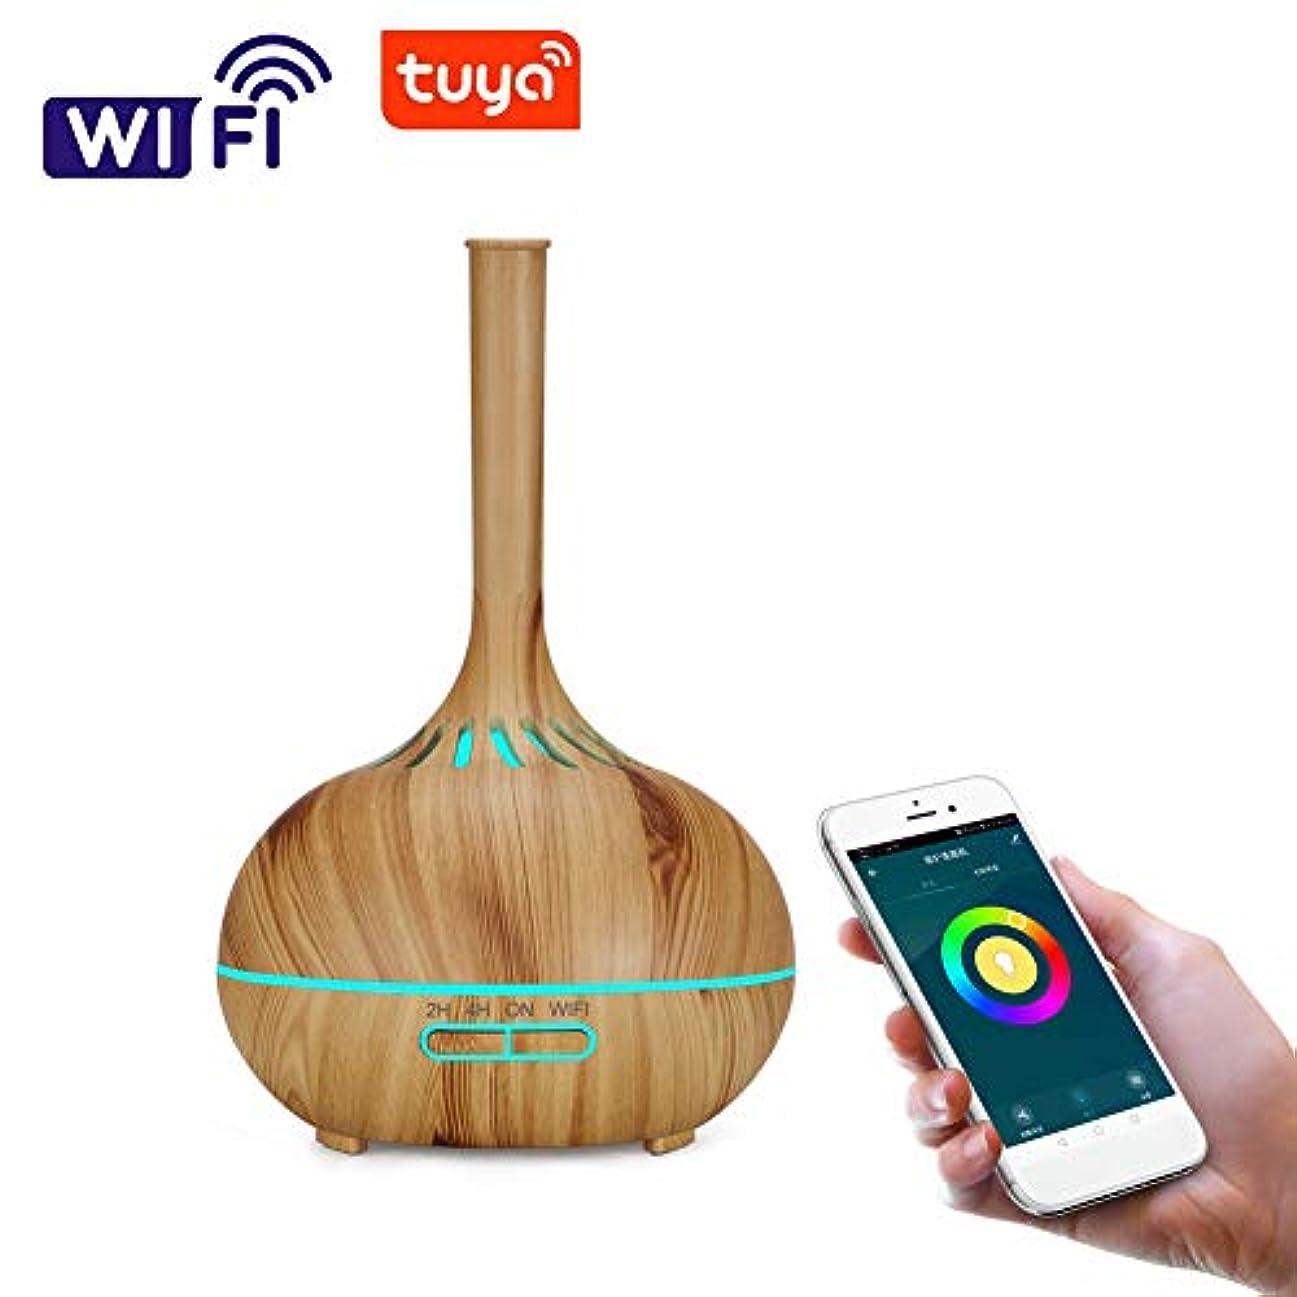 セールスマン熟読するホイッスル木目 涼しい霧 超音波式 加湿器,wifi 7 色 香り 精油 ディフューザー 調整可能 空気加湿器 アロマネブライザー ホーム Yoga オフィス- 400ml